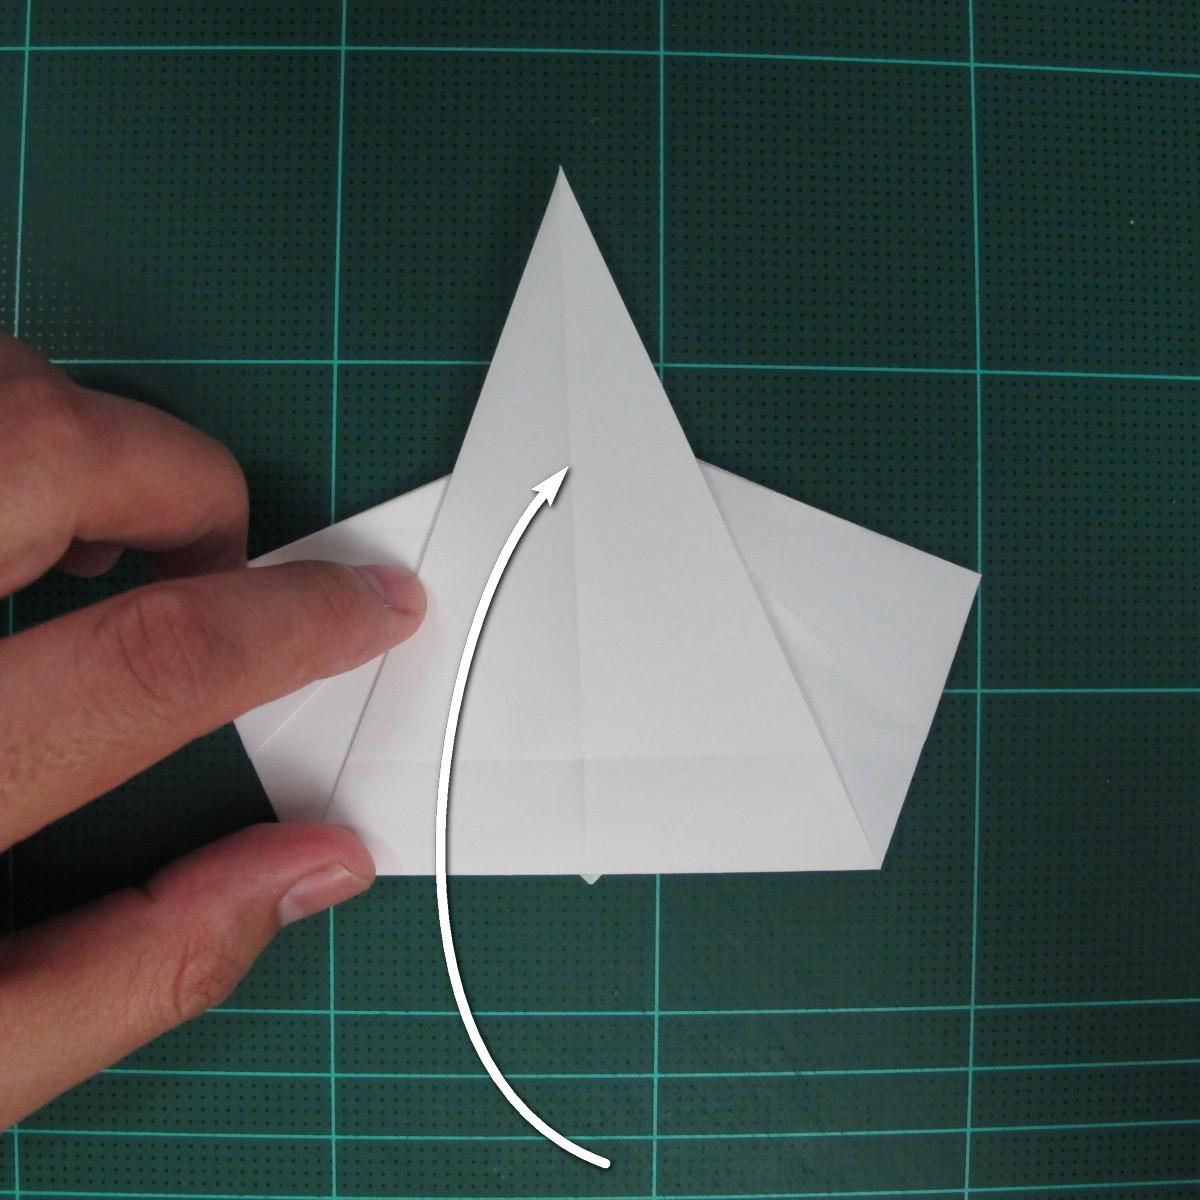 วิธีพับกระดาษเป็นรูปปลาแซลม่อน (Origami Salmon) 023